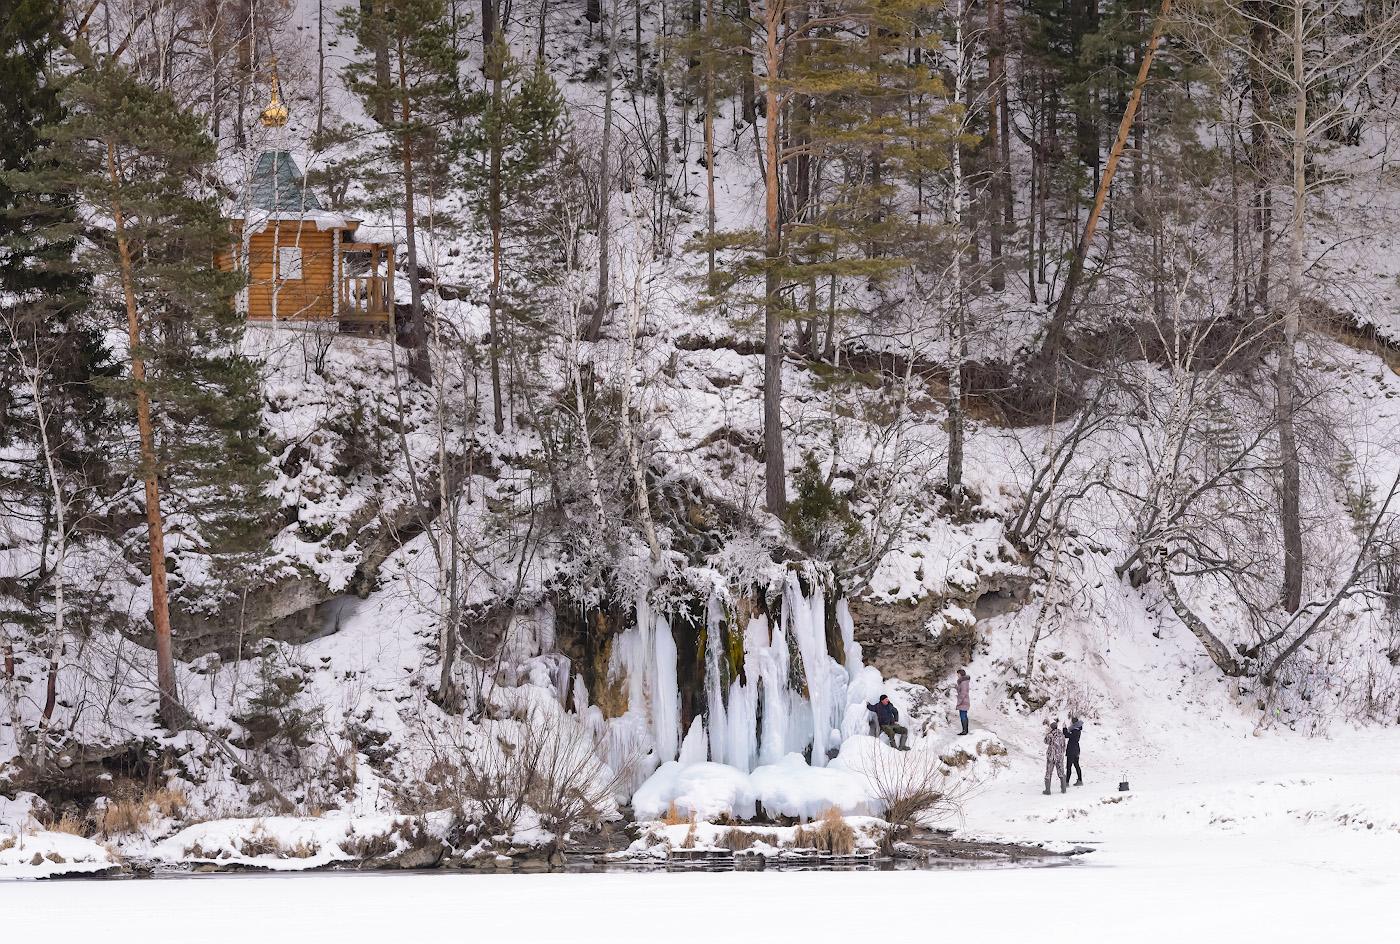 Фото 10. Водопад Плакун – одна из известных достопримечательностей Пермского края. Включите его в маршрут своего автомобильного путешествия. 1/250, 9.0, 2800, 120.